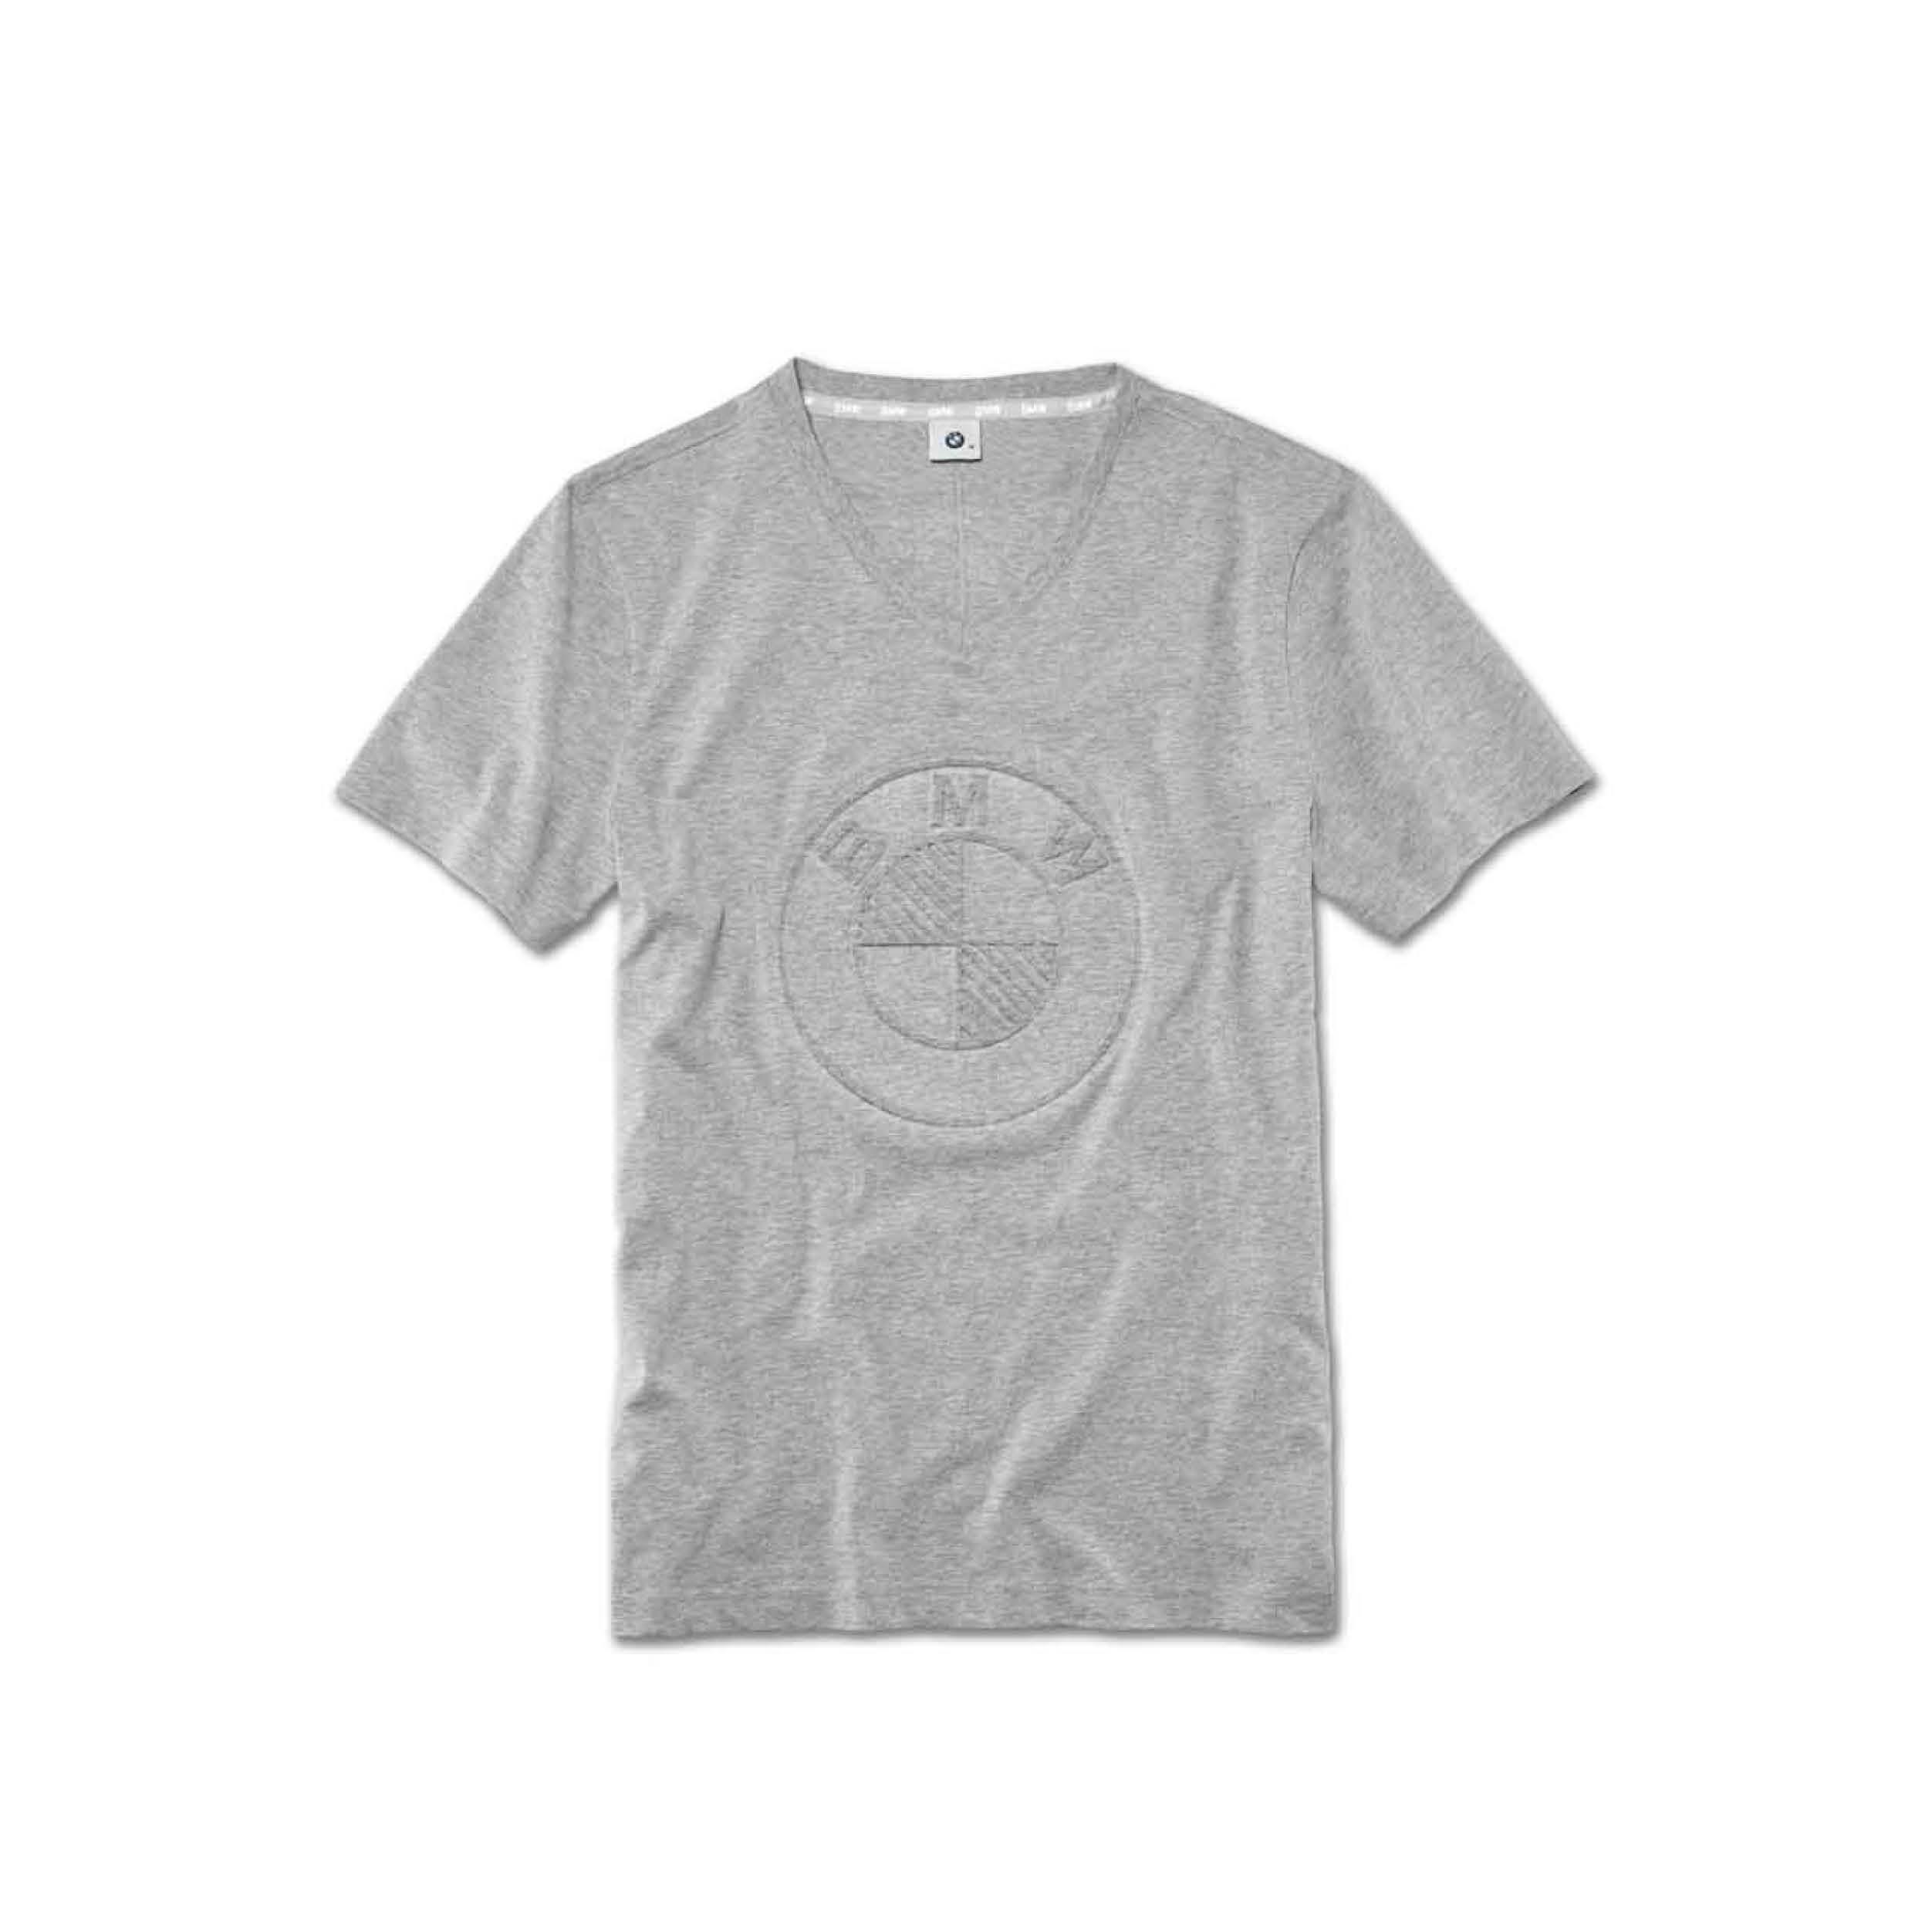 bmw t shirt logo herren hutter dynamics. Black Bedroom Furniture Sets. Home Design Ideas